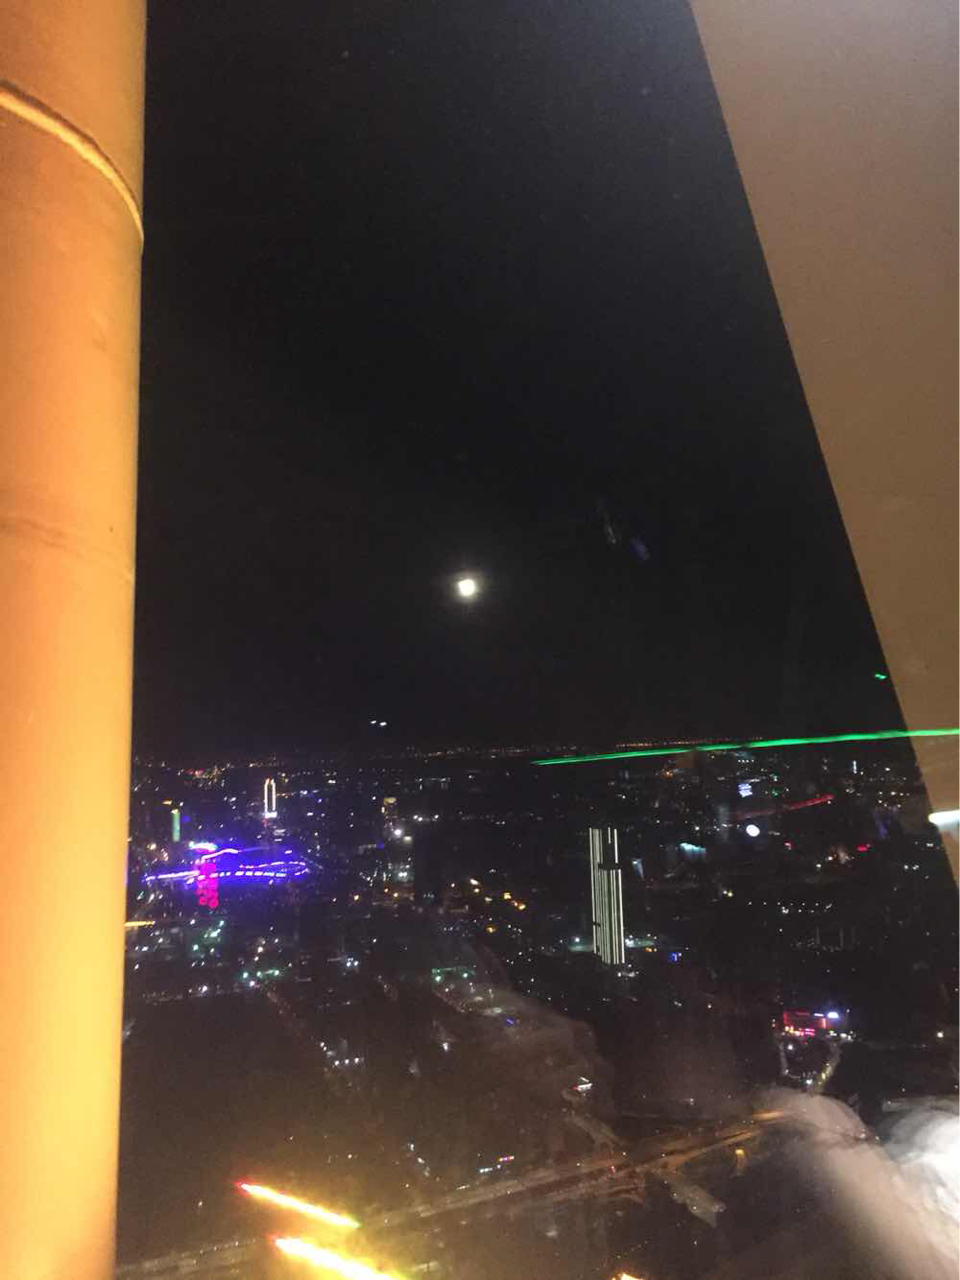 广州塔 433米 白云星空观光票 学生票广州塔广州新电视塔的名字为 广州塔 驴妈妈点评